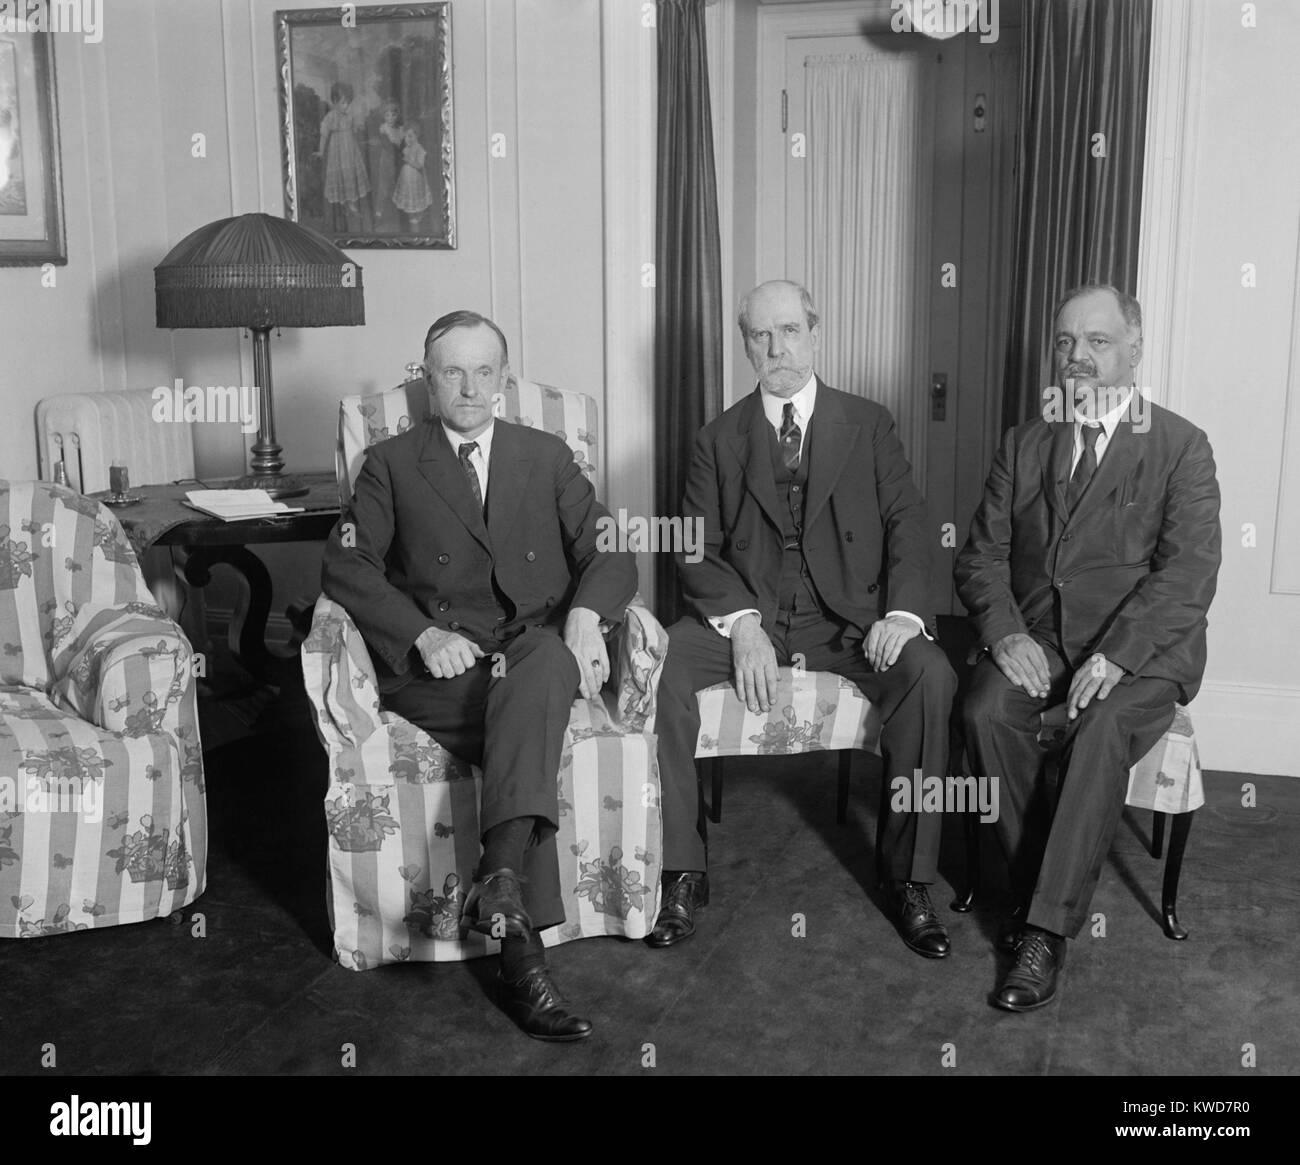 El presidente Calvin Coolidge reunión con Charles Evans Hughes y Charles Curtis, 3 de agosto de 1923. Coolidge se Foto de stock